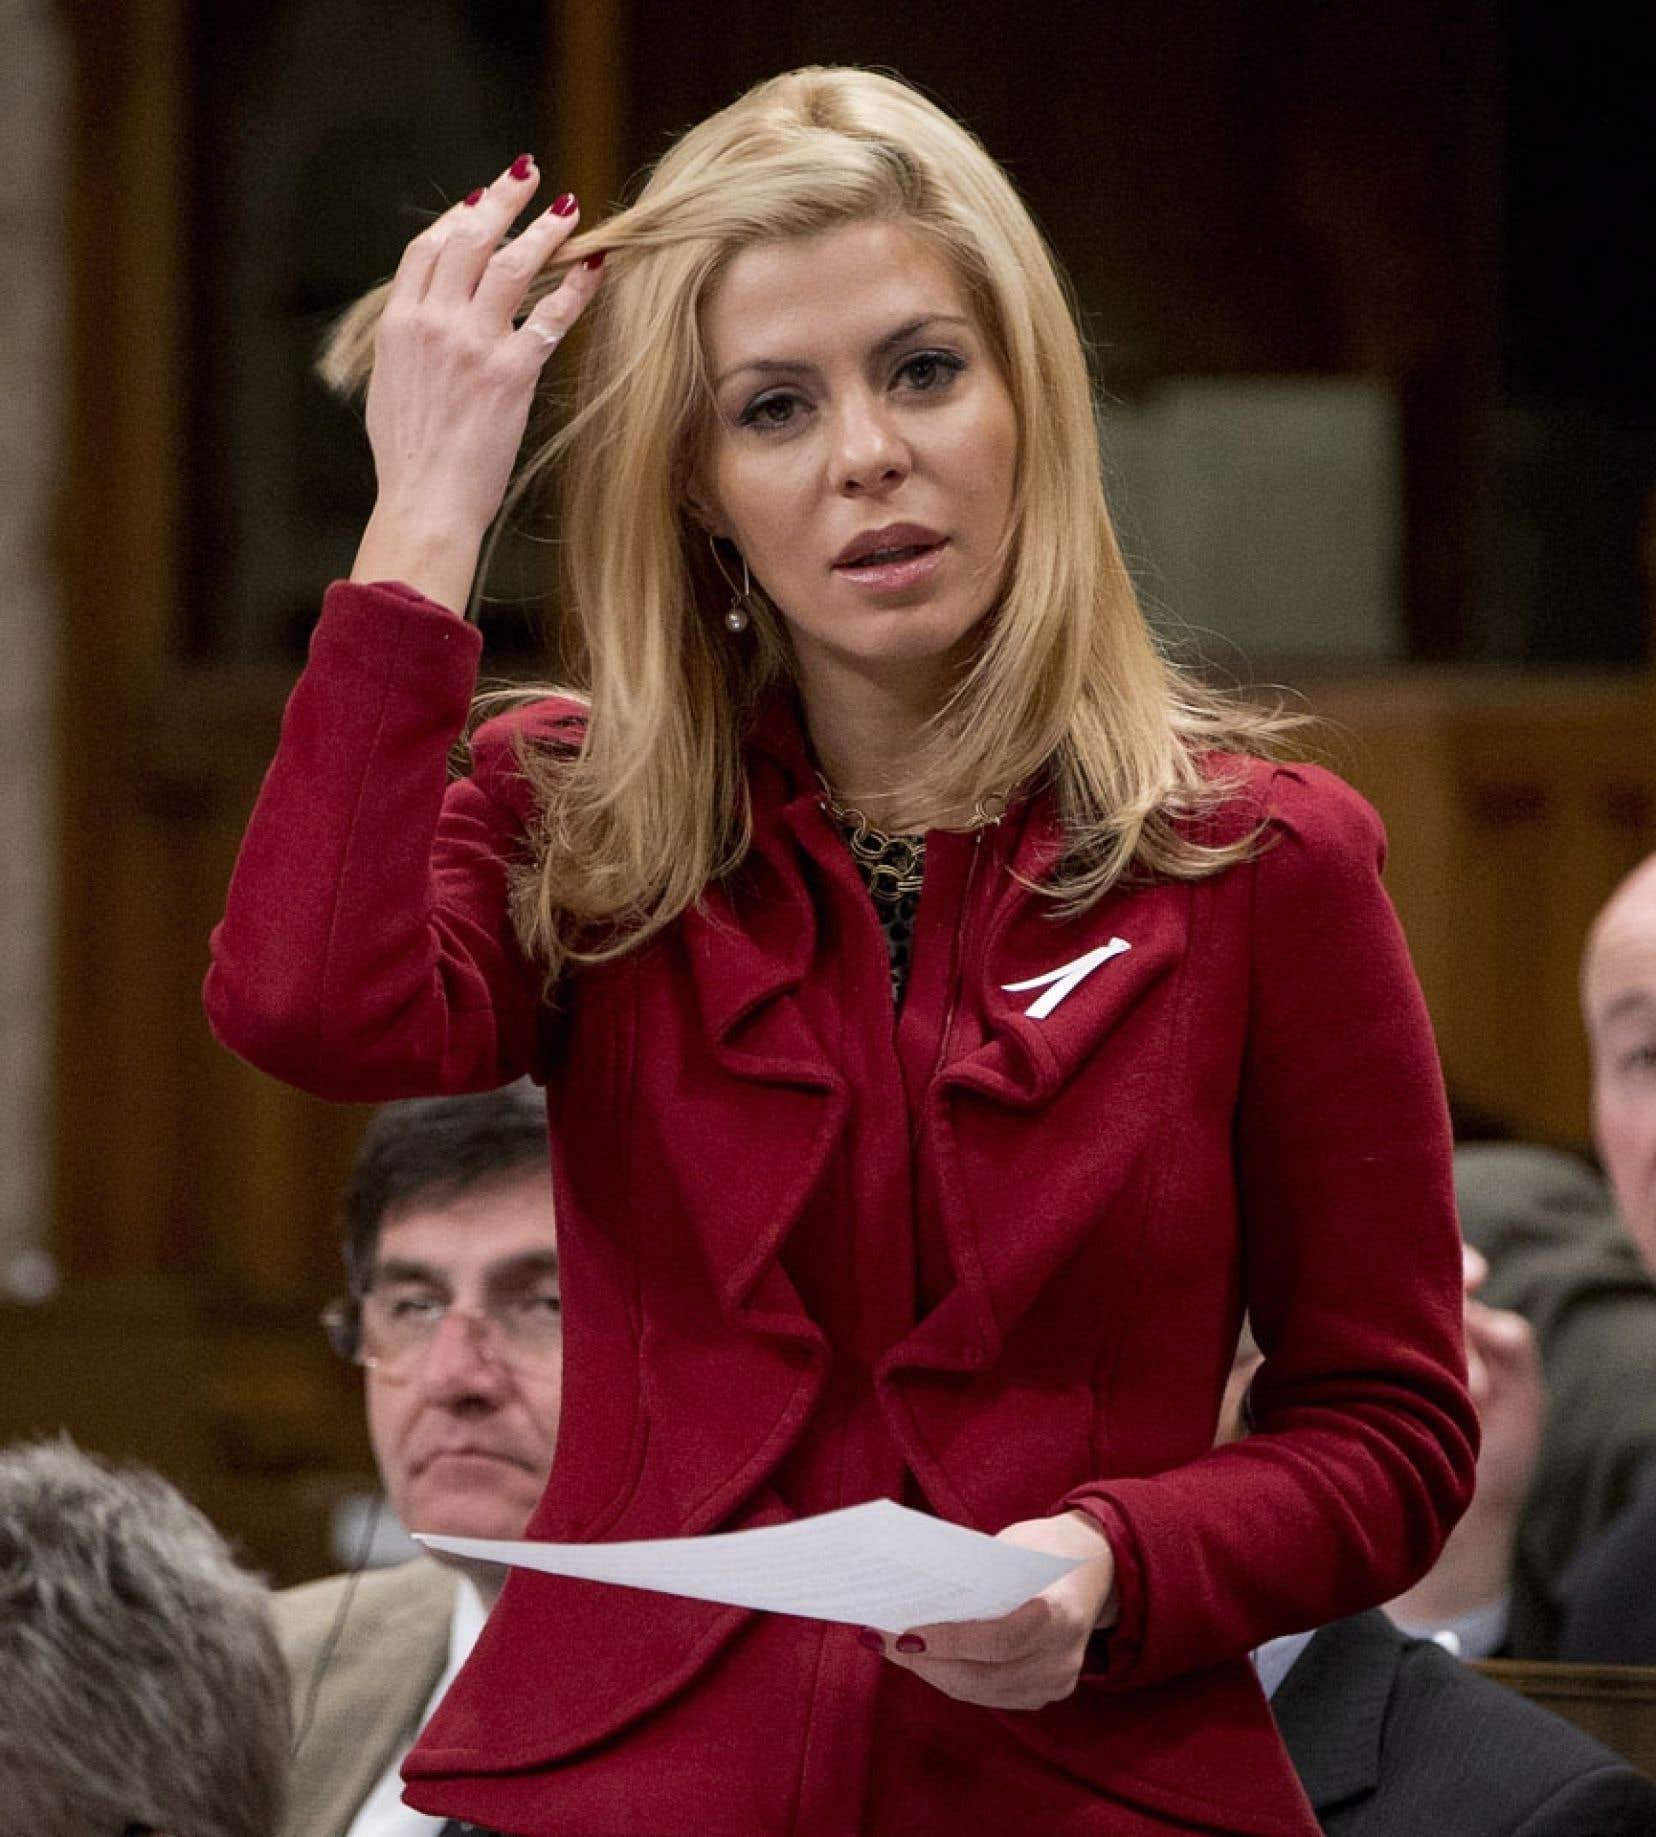 Le premier ministre a enjoint au conseil national du Parti conservateur d'enquêter sur des allégations faites à l'endroit de la députée Eve Adams.